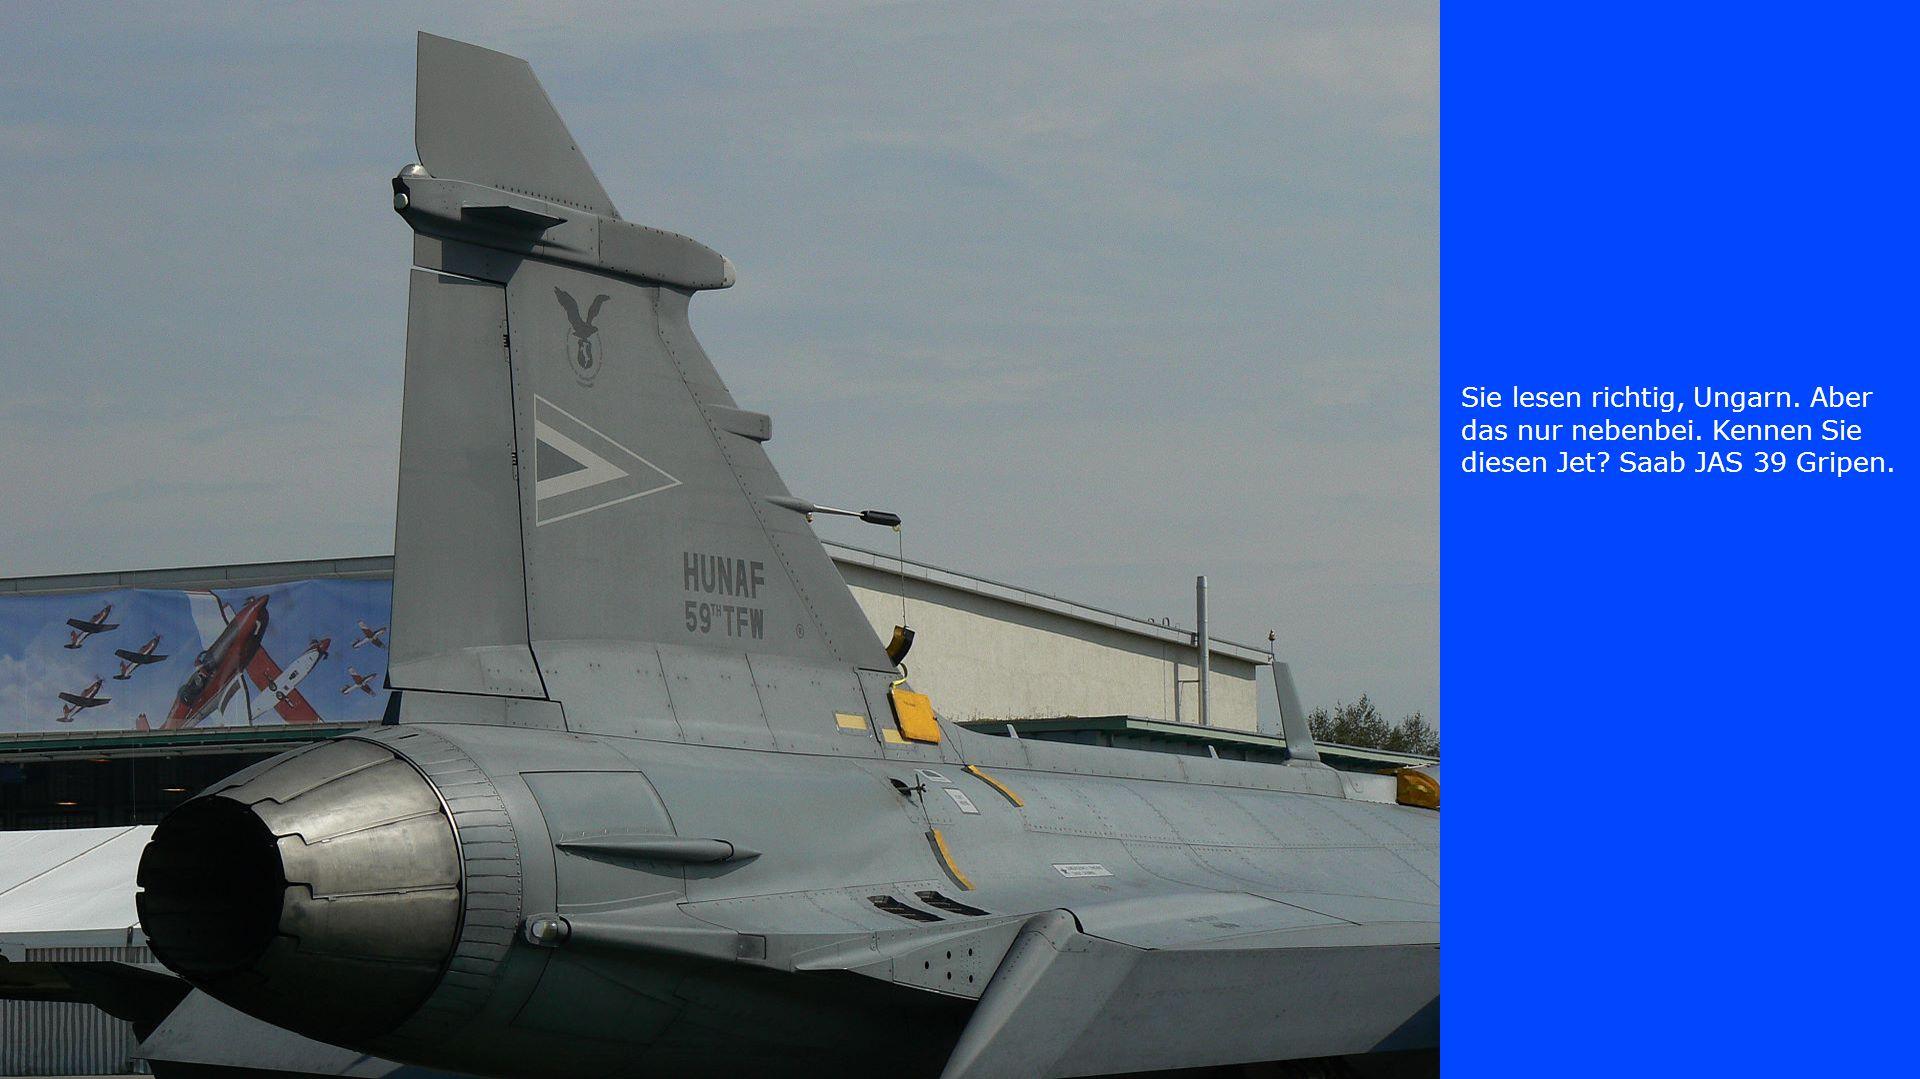 Sie lesen richtig, Ungarn. Aber das nur nebenbei. Kennen Sie diesen Jet? Saab JAS 39 Gripen.